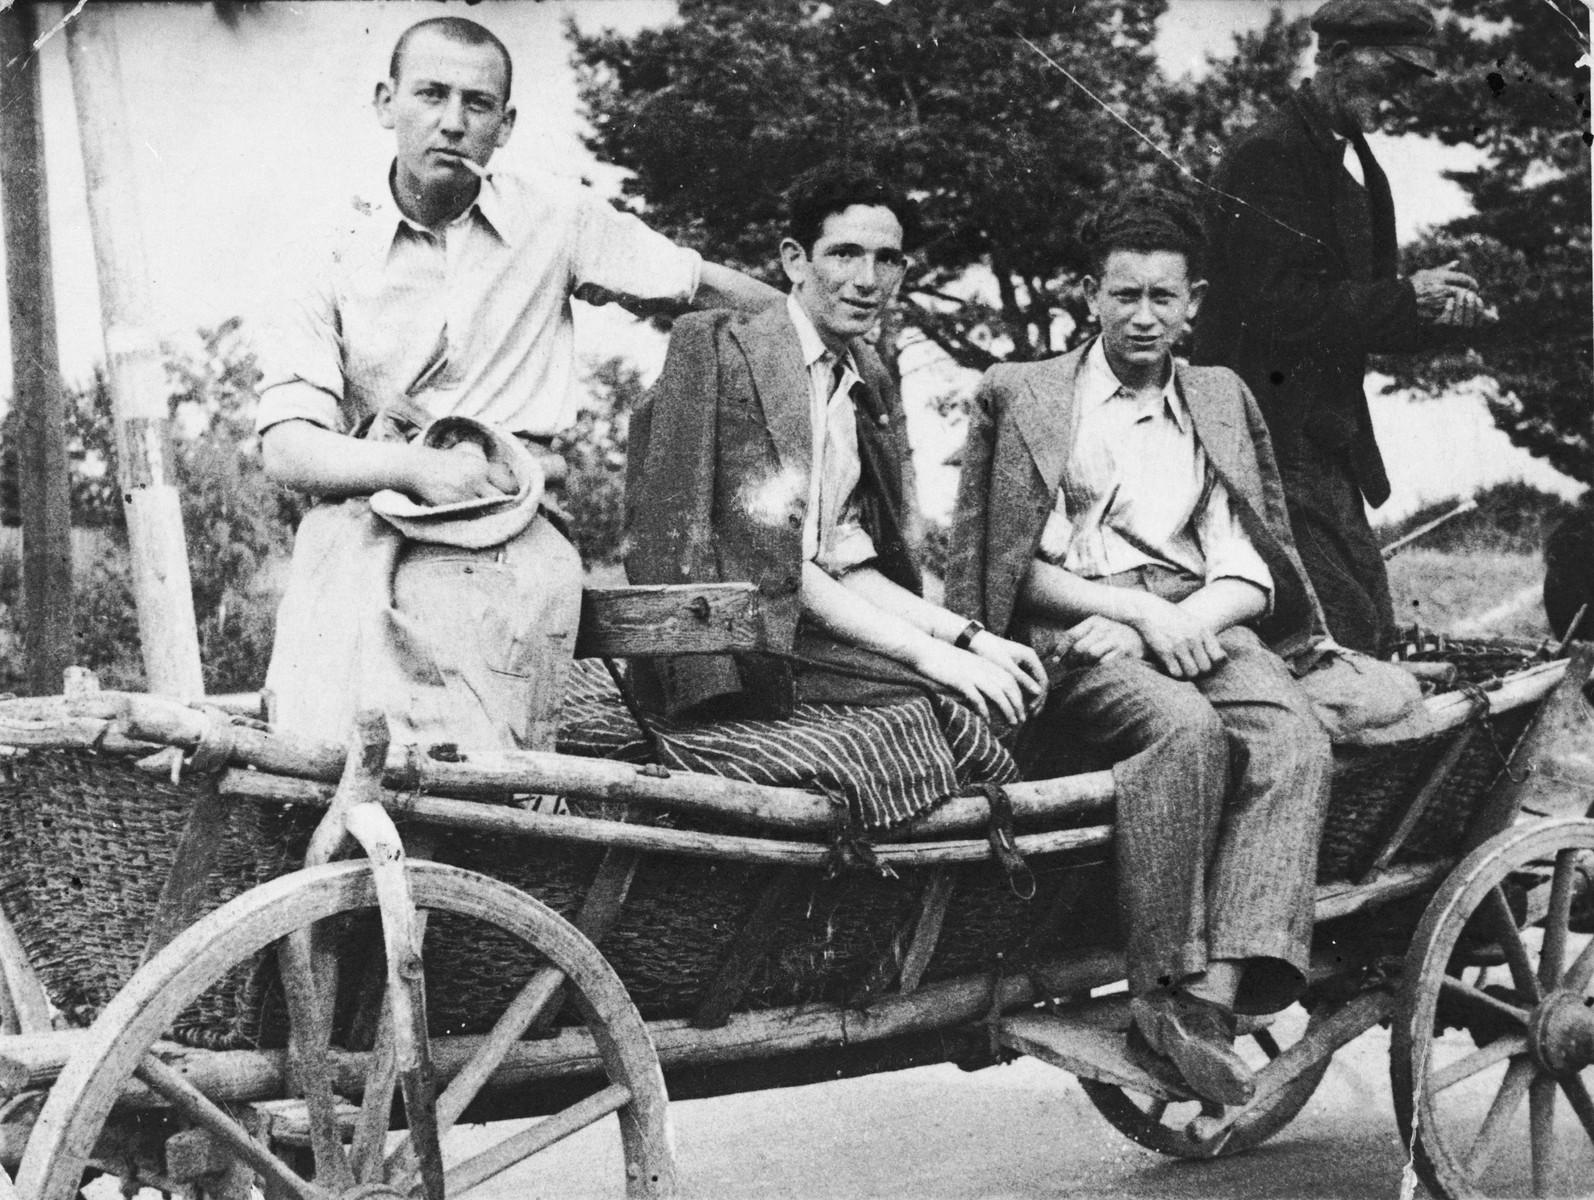 Zygmunt Godzinski (middle) sits with two friends on a horse-drawn wagon in Kielce.